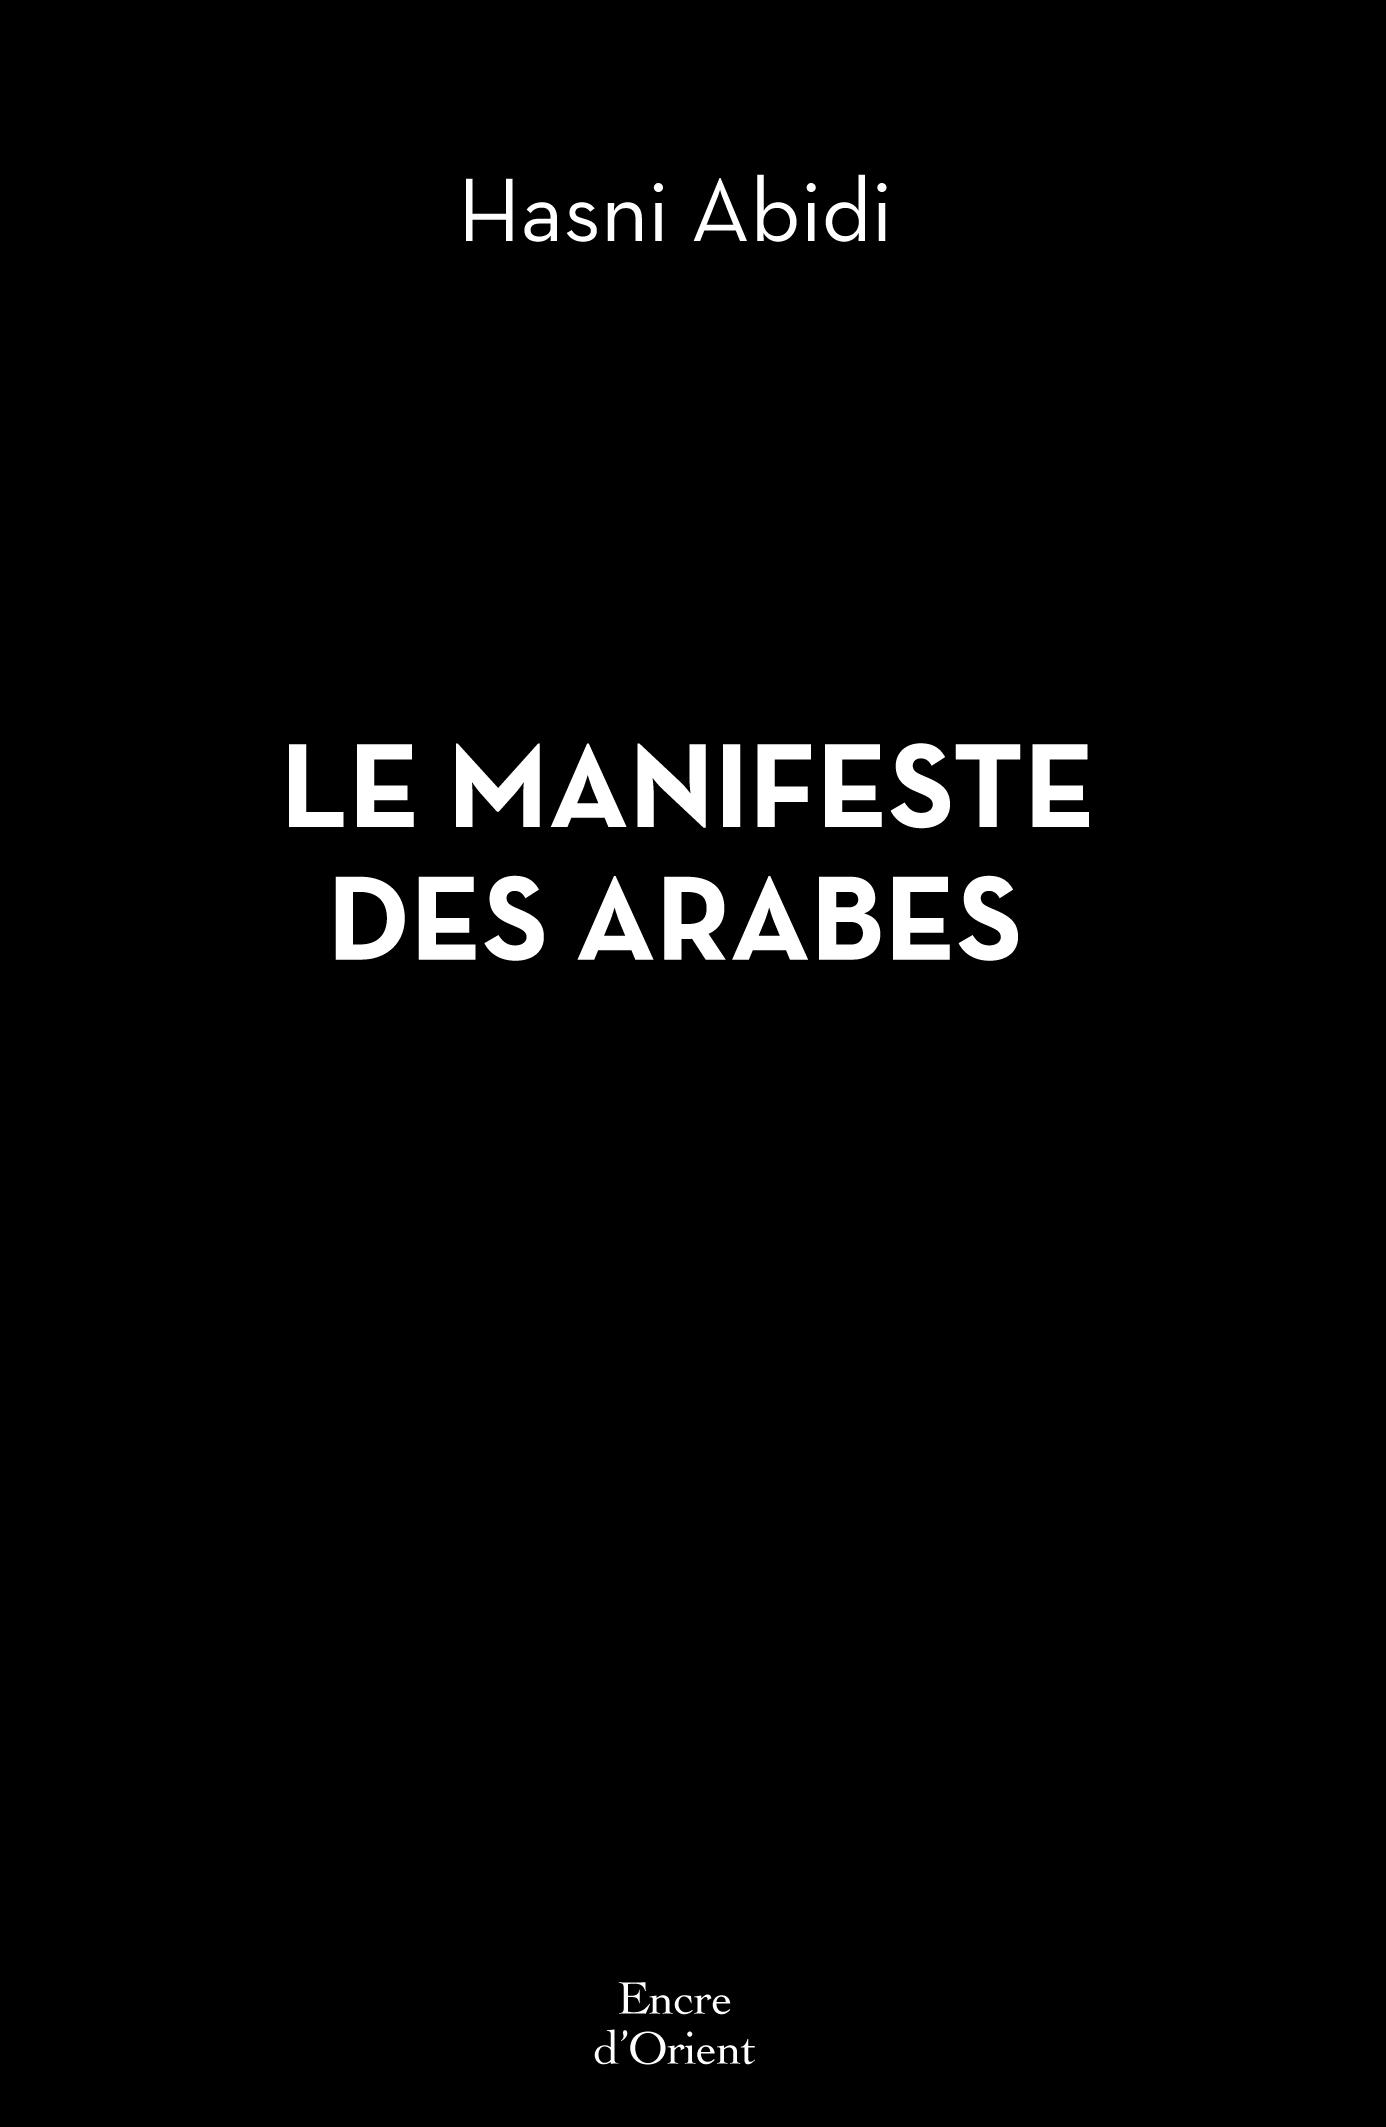 LE MANIFESTE DES ARABES